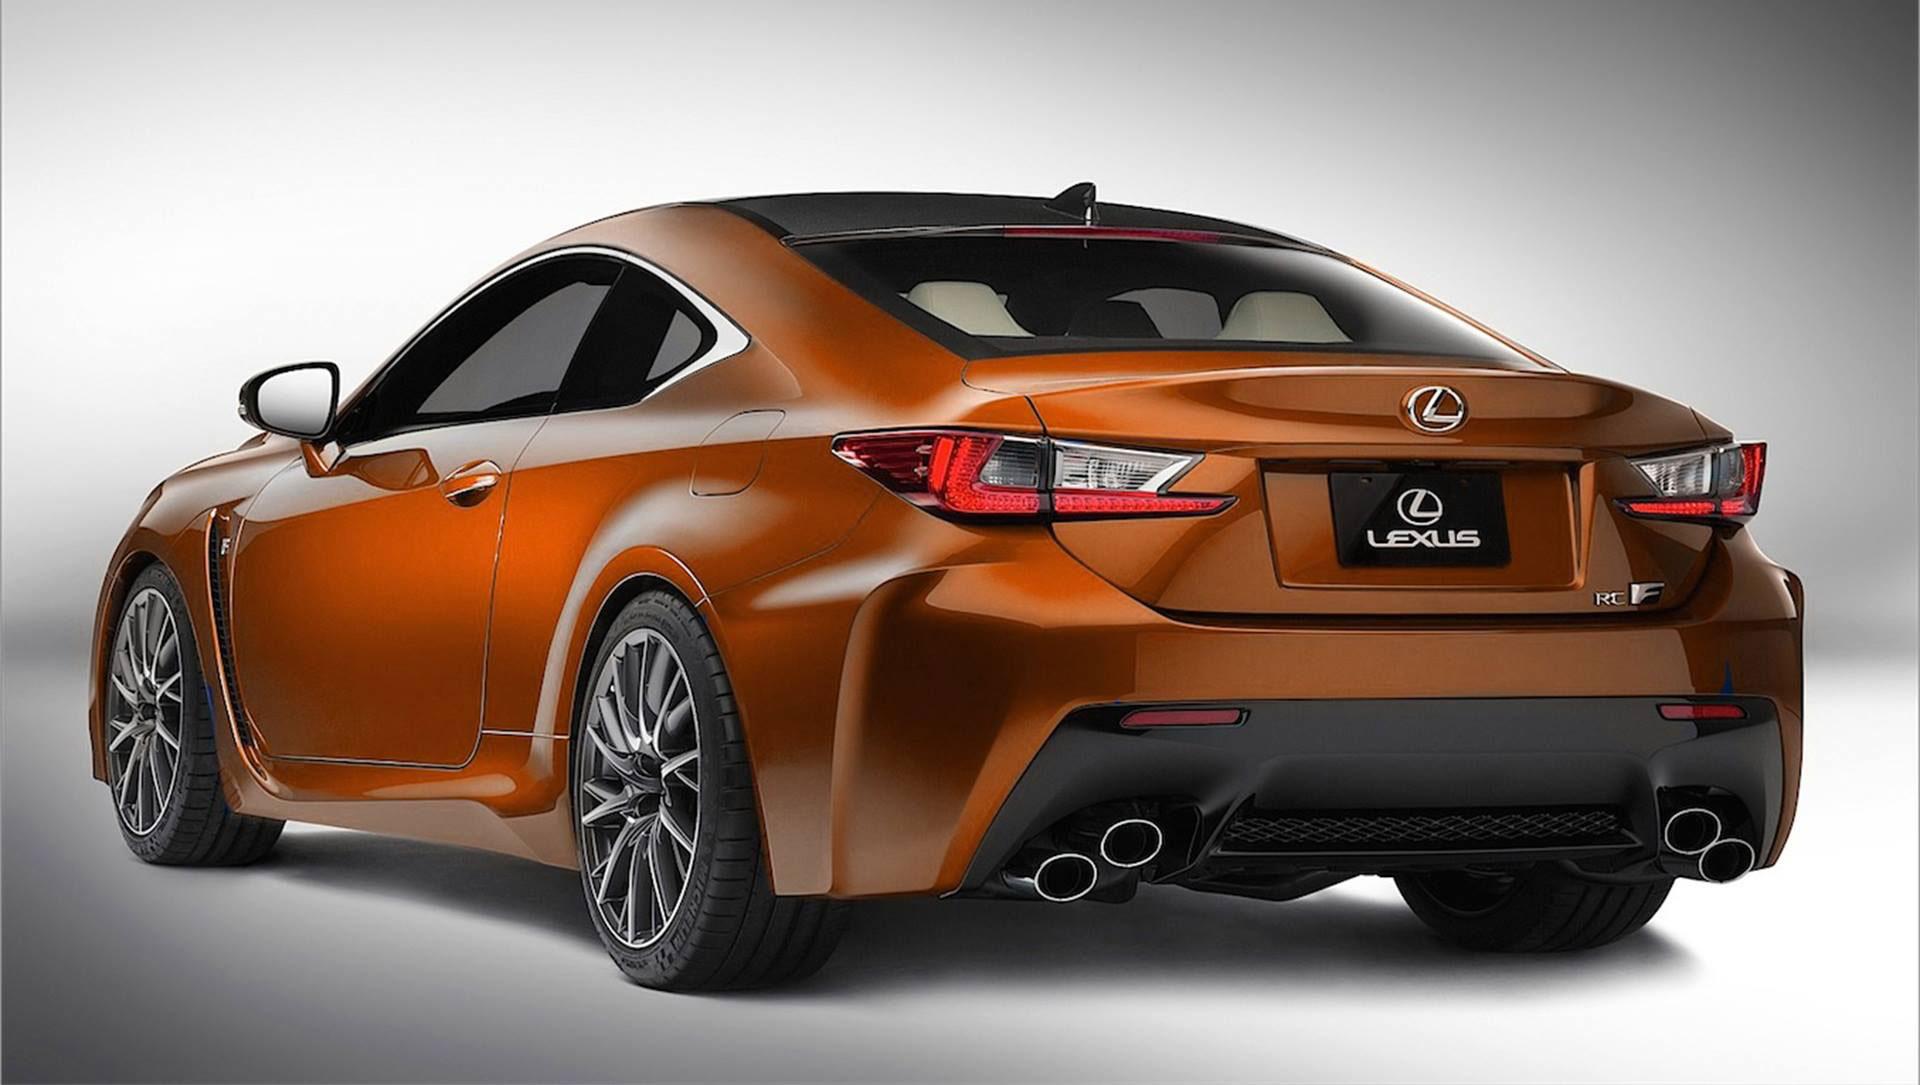 More Images of the Lexus RC F in New Orange   Lexus Enthusiast